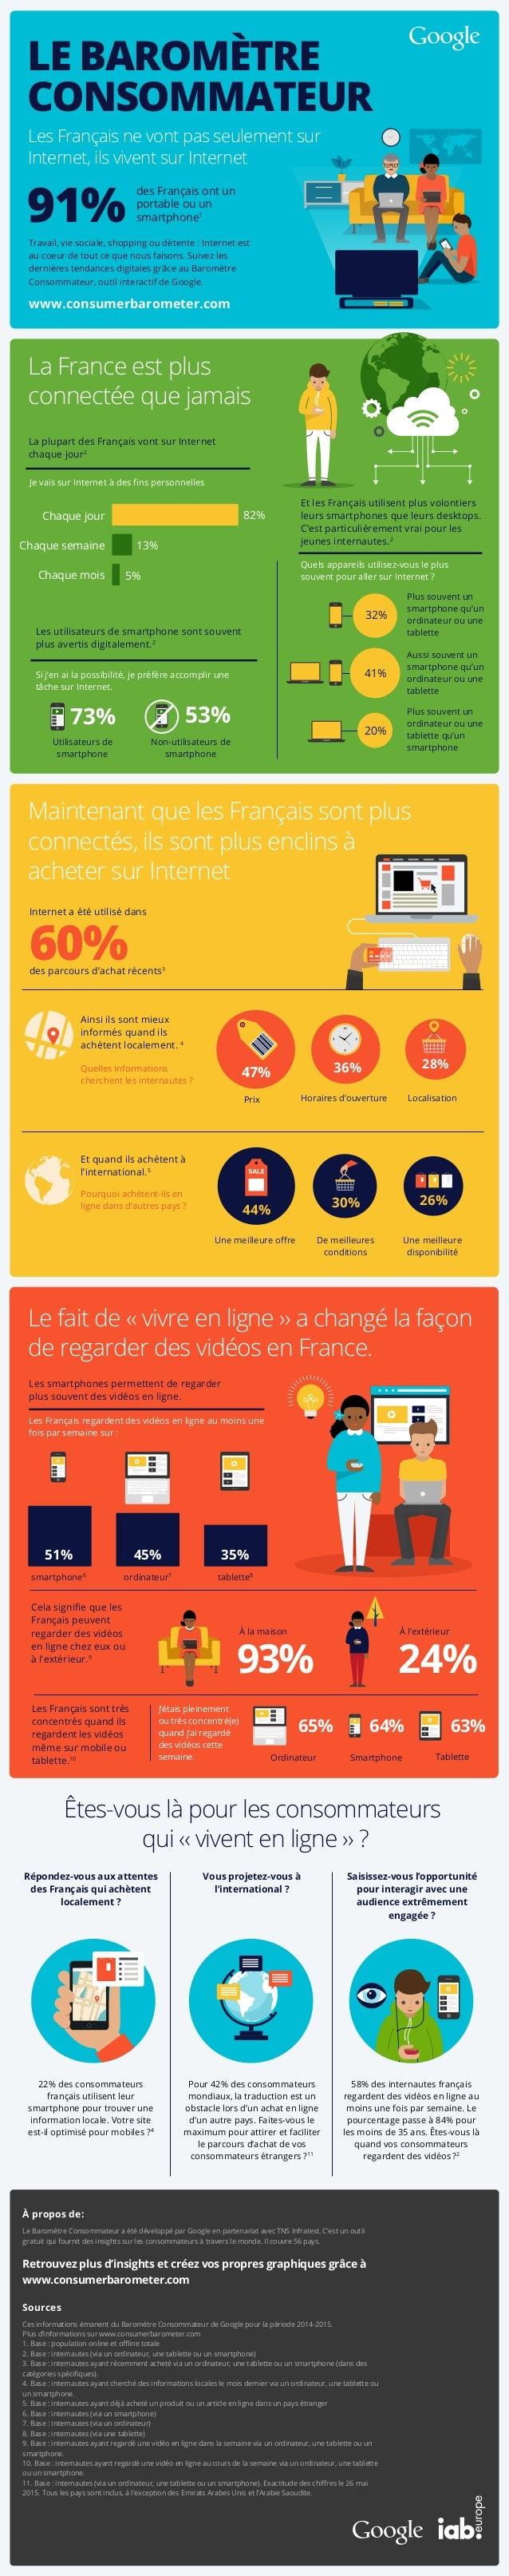 Et les Français utilisent plus volontiers leurs smartphones que leurs desktops. C'est particulièrement vrai pour les jeune...